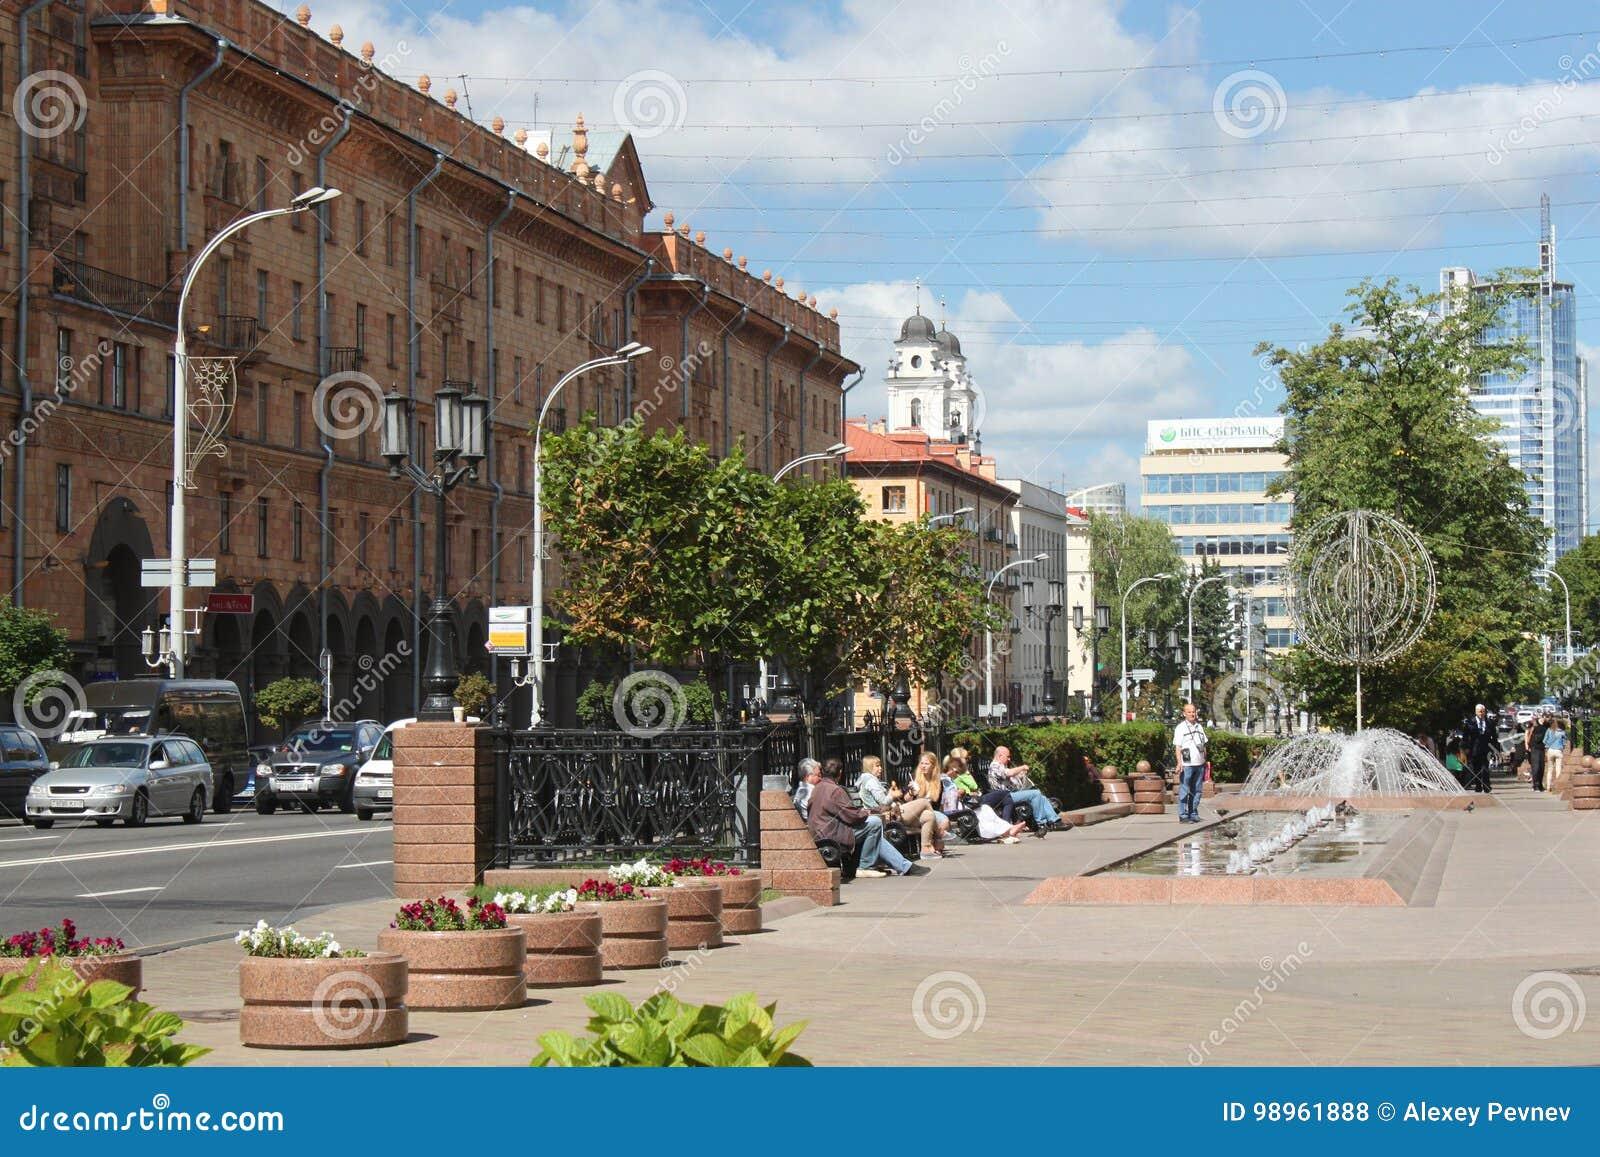 ΜΙΝΣΚ, ΛΕΥΚΟΡΩΣΙΑ - 1 ΑΥΓΟΎΣΤΟΥ 2013: Οδός Λένιν στο Μινσκ